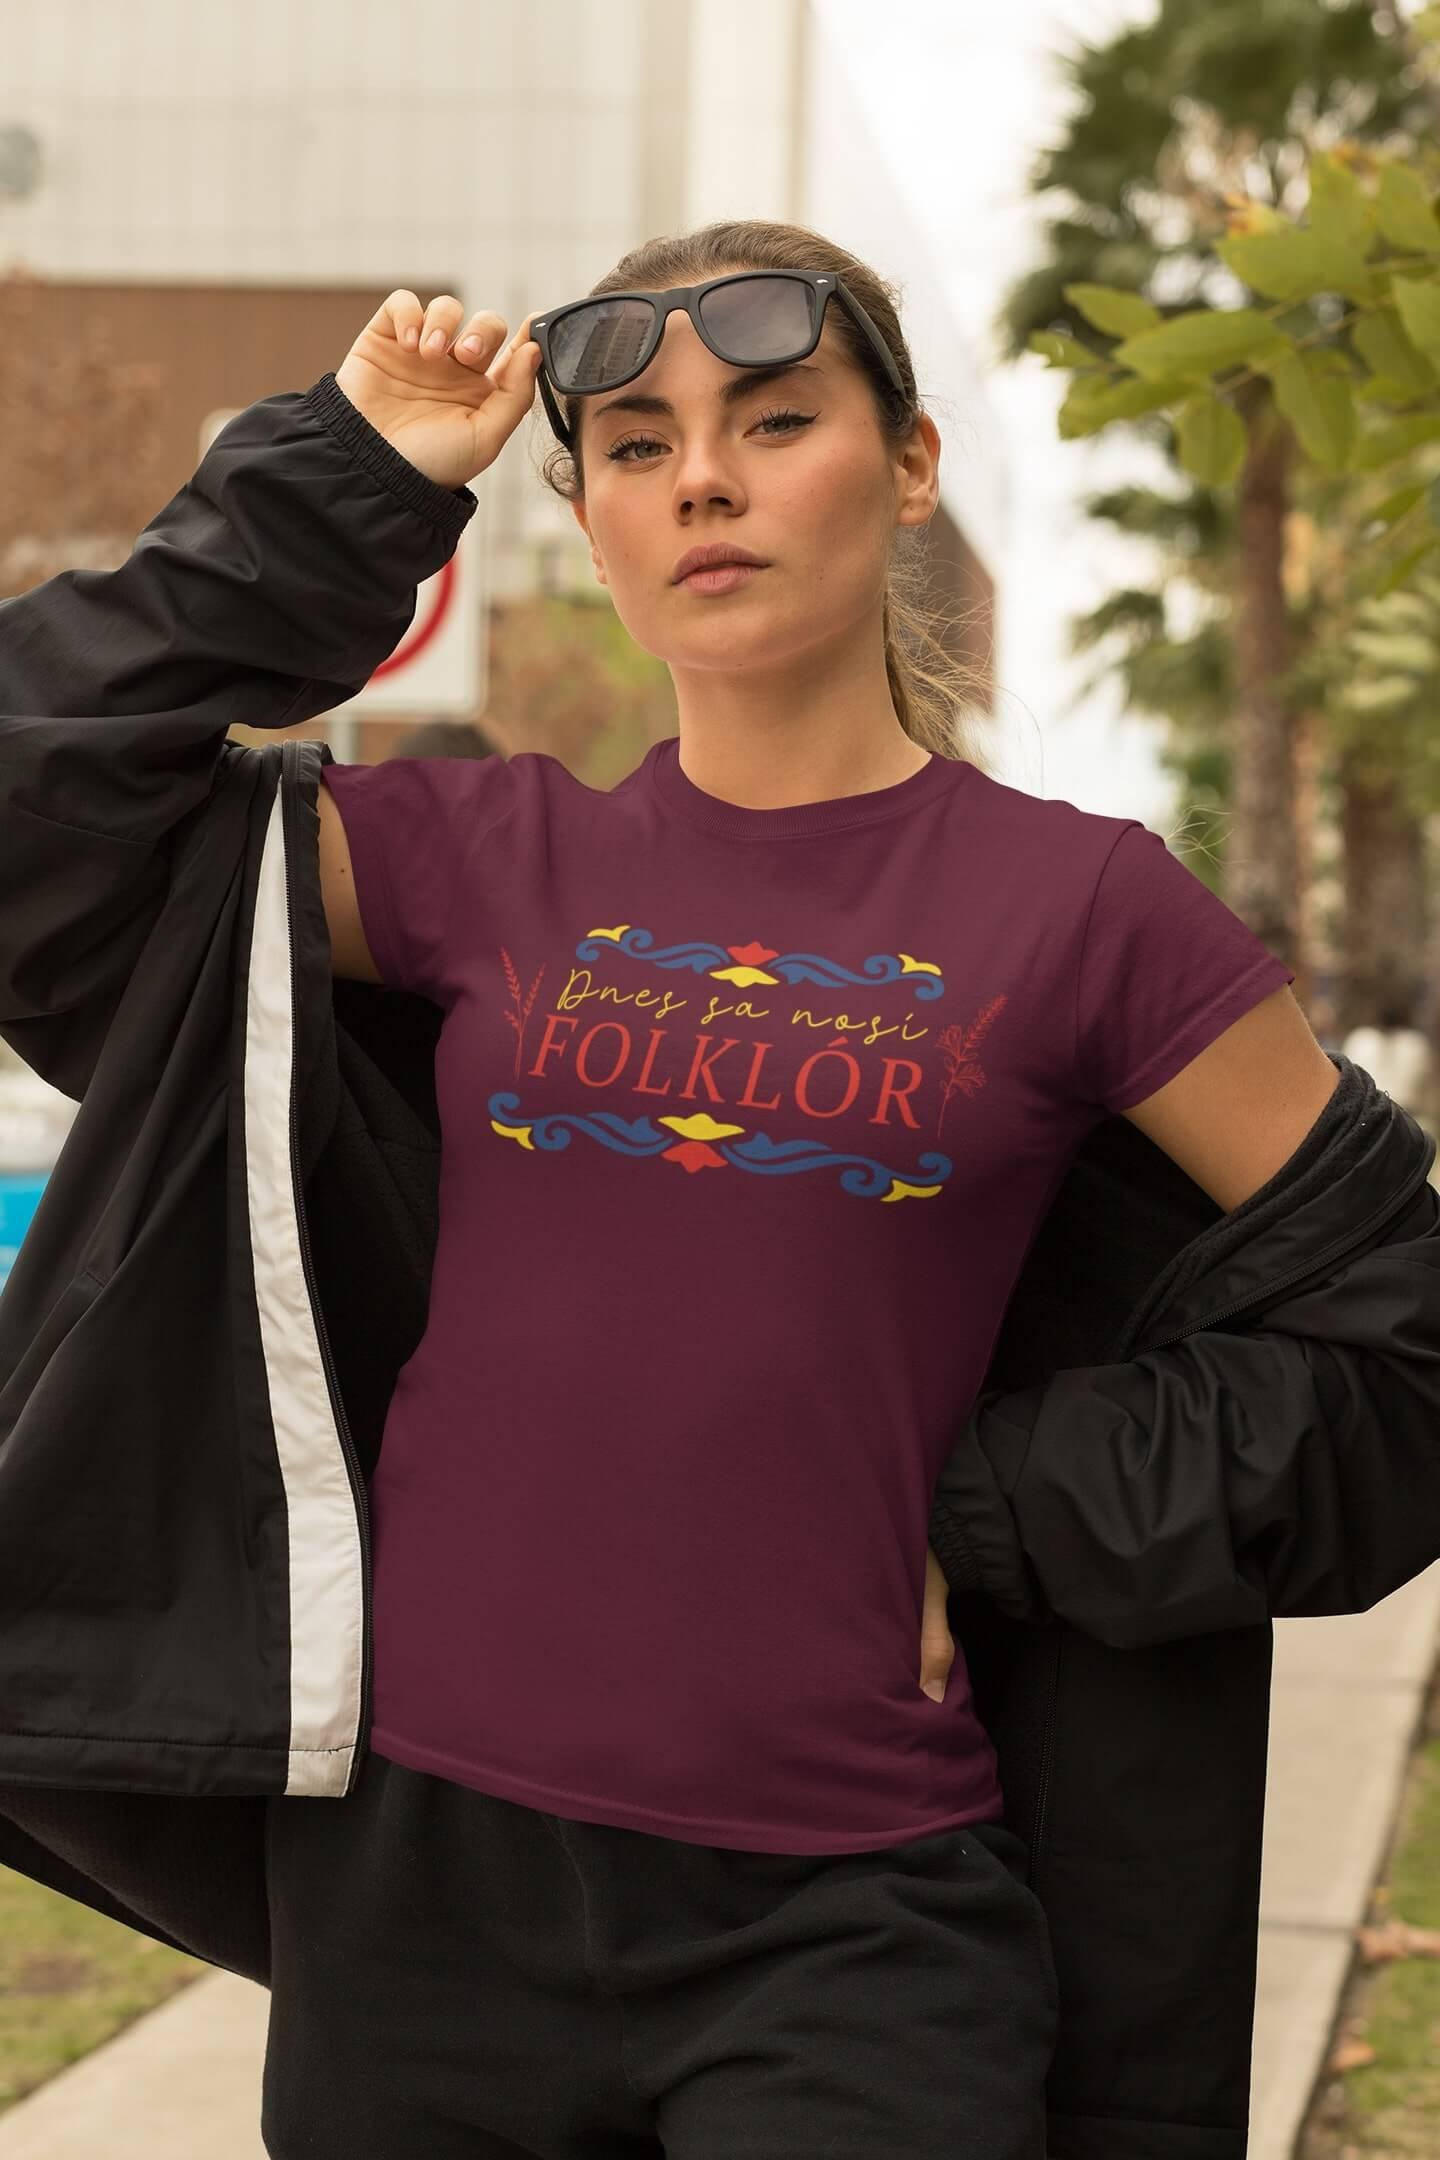 MMO Dámske tričko dnes sa nosí folklór Vyberte farbu: Fuchsiová, Vyberte veľkosť: S